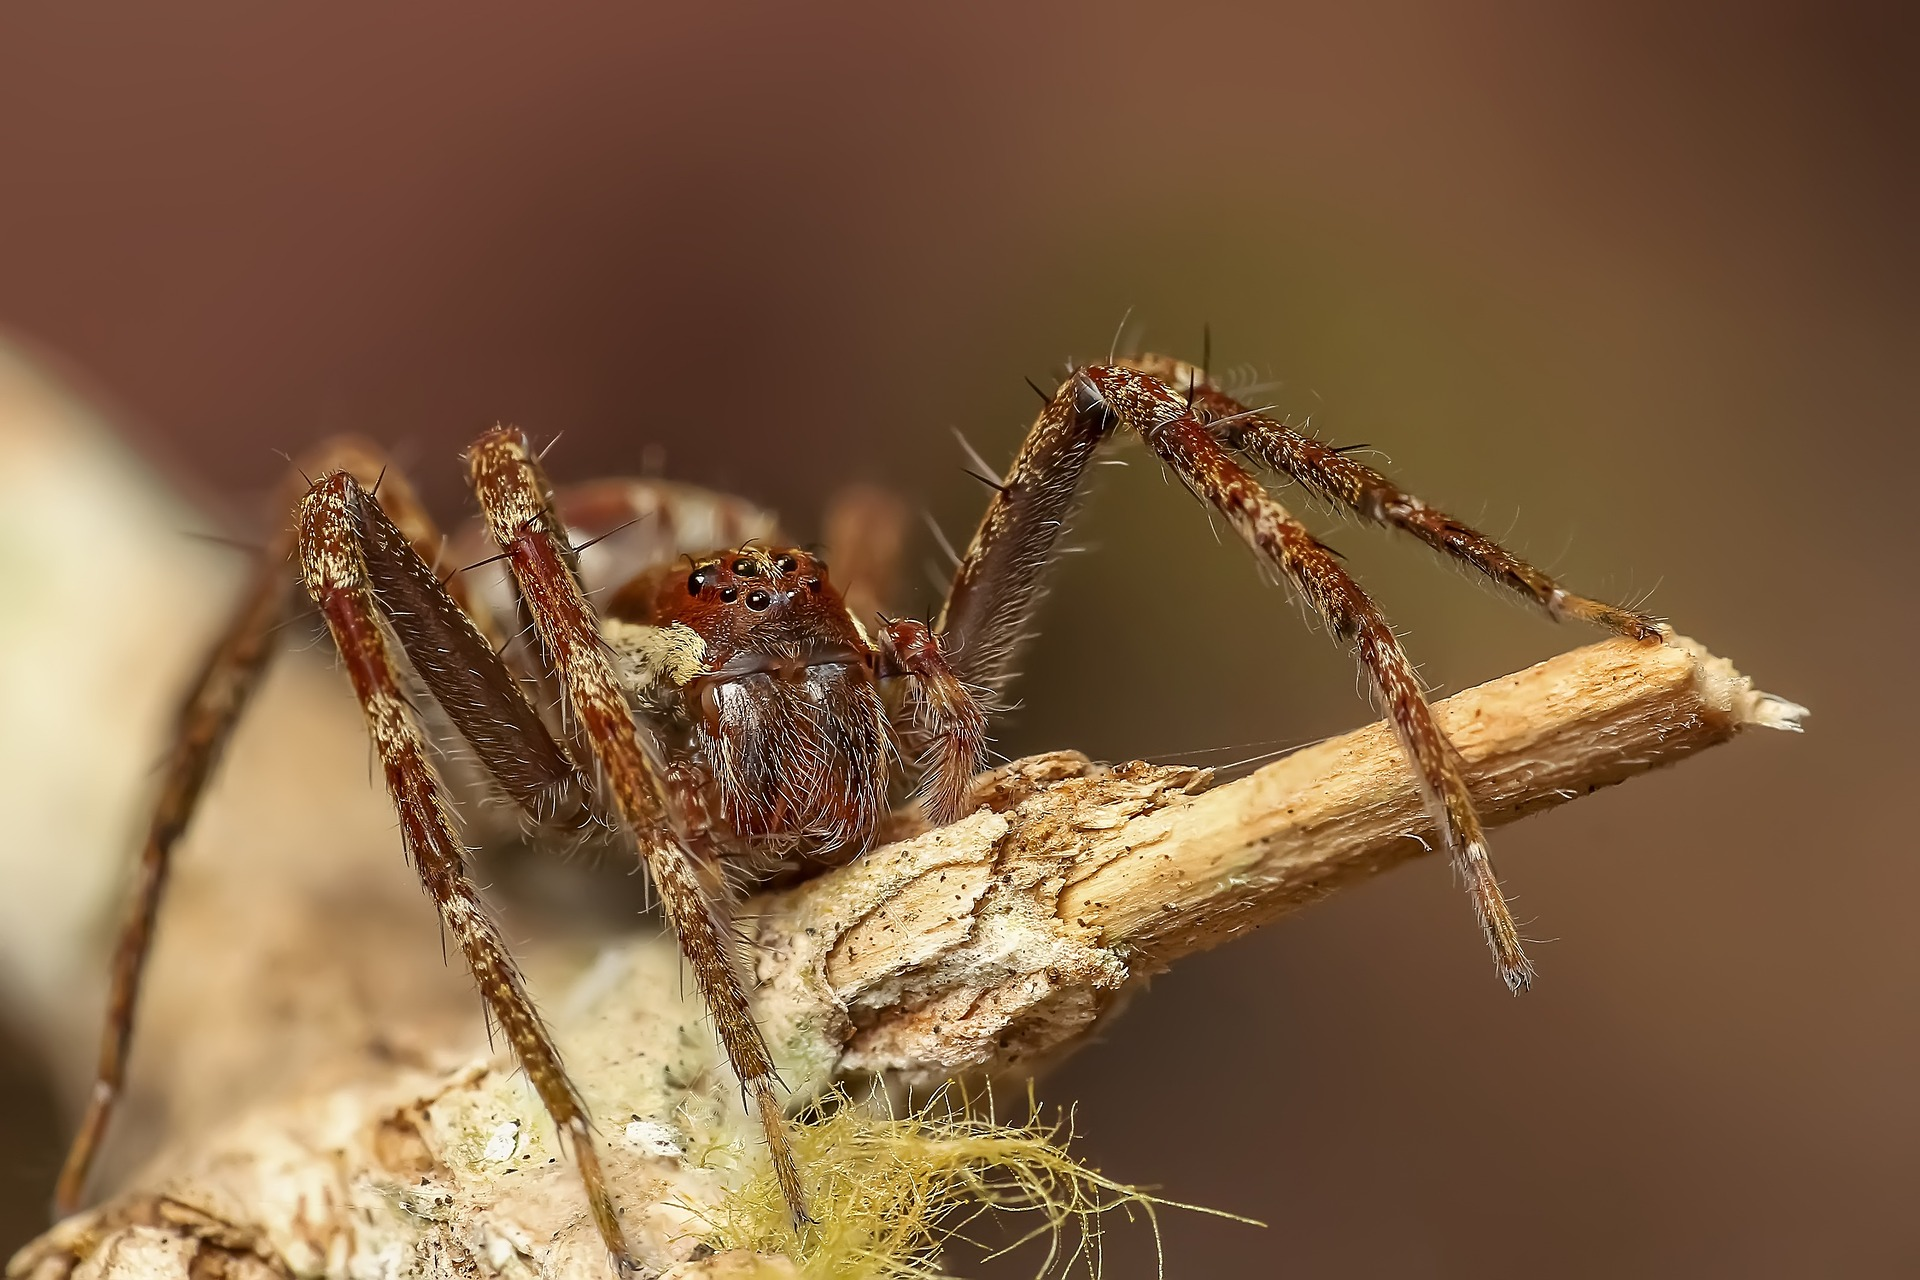 spider-1131640_1920